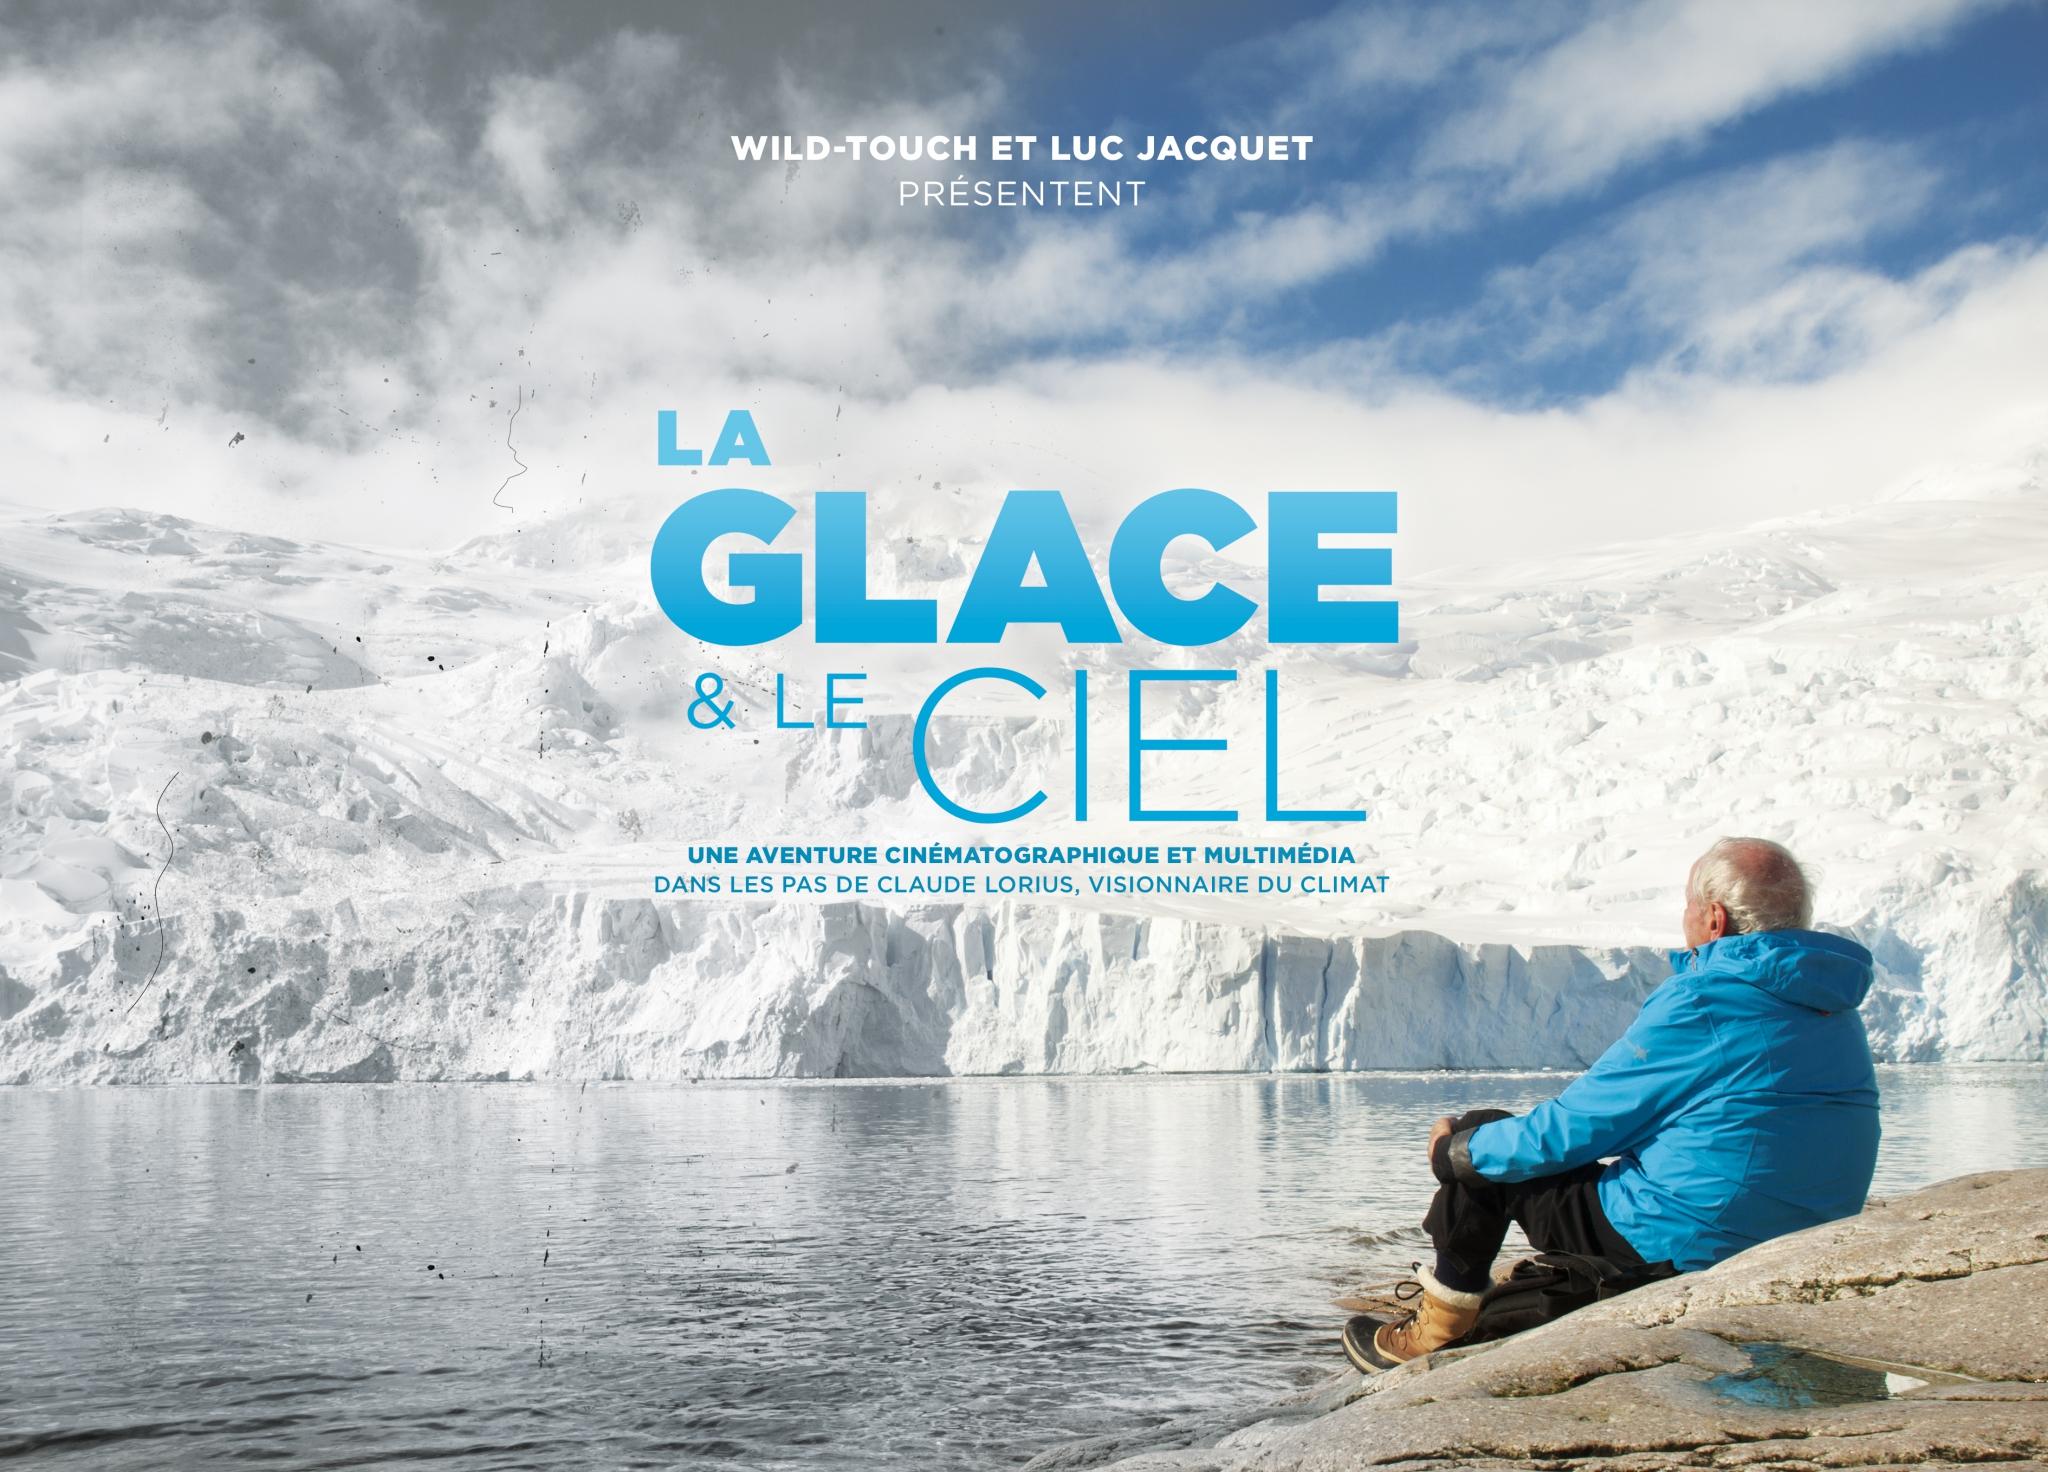 claude lorius,polaire,climat,antarctique,expéditions polaires françaises,epf,charcot,paul-émile victor,sciences,jean jouzel,wild touch